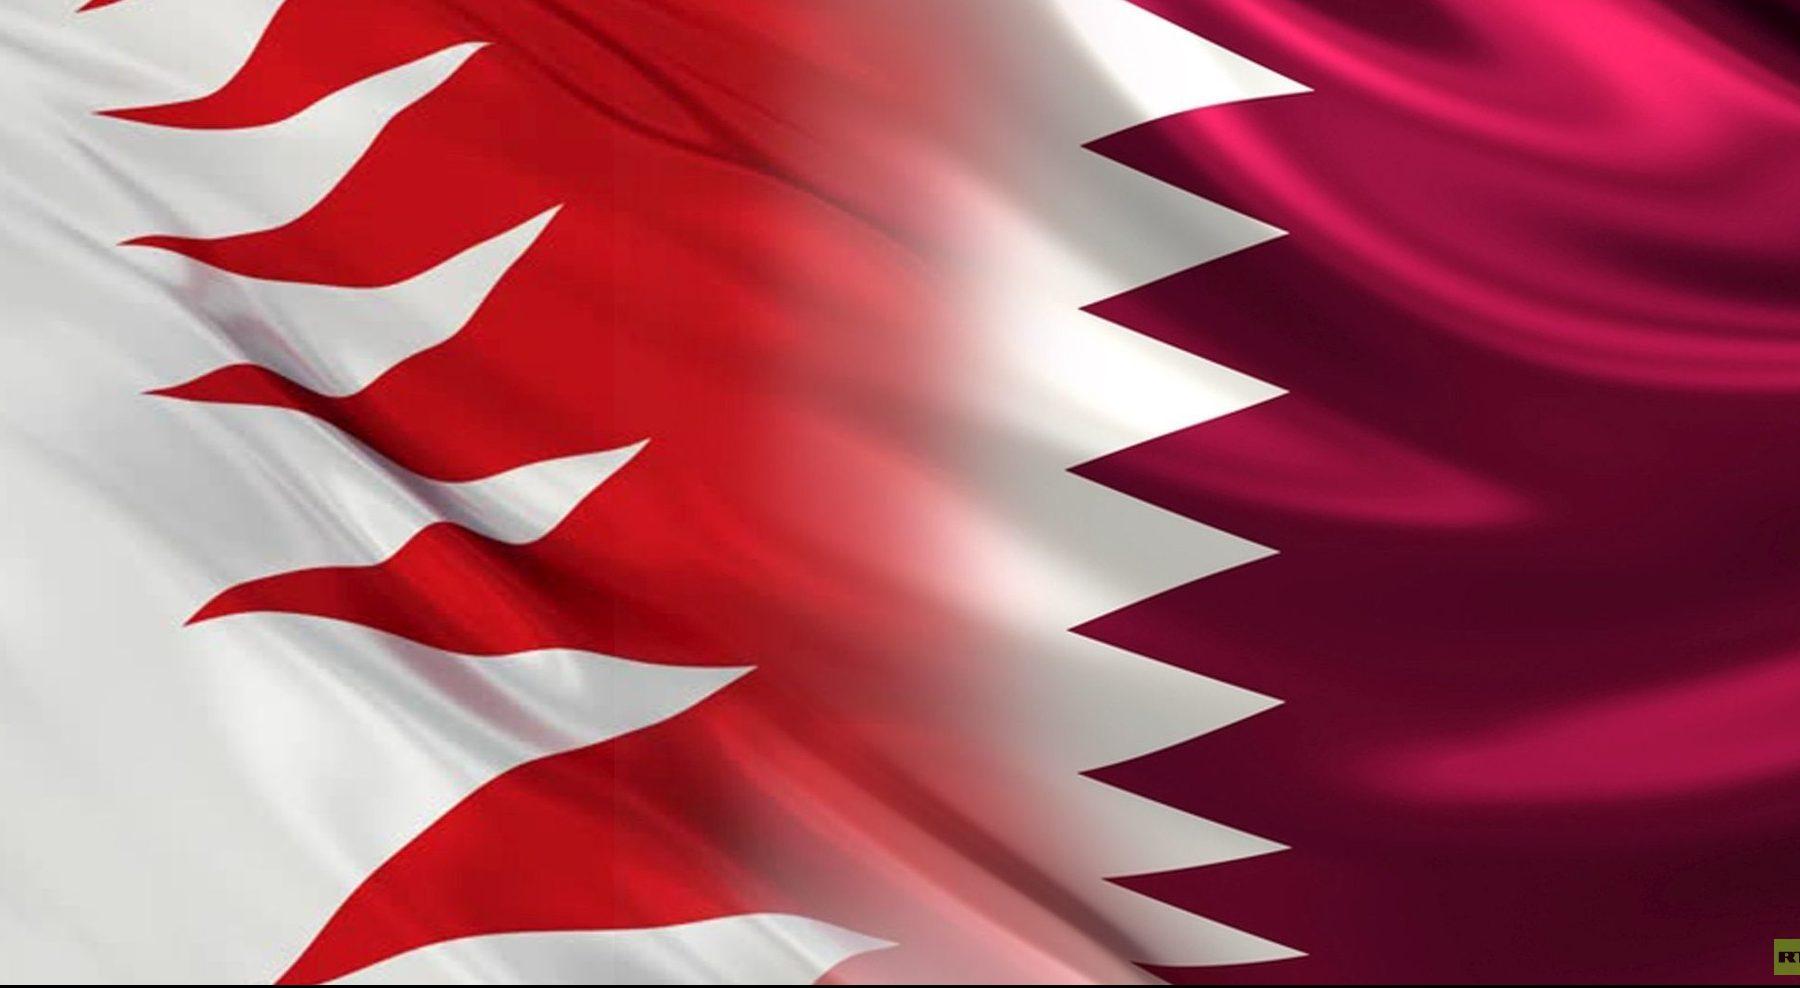 ما هو الفرق بين علم قطر والبحرين - موسوعة